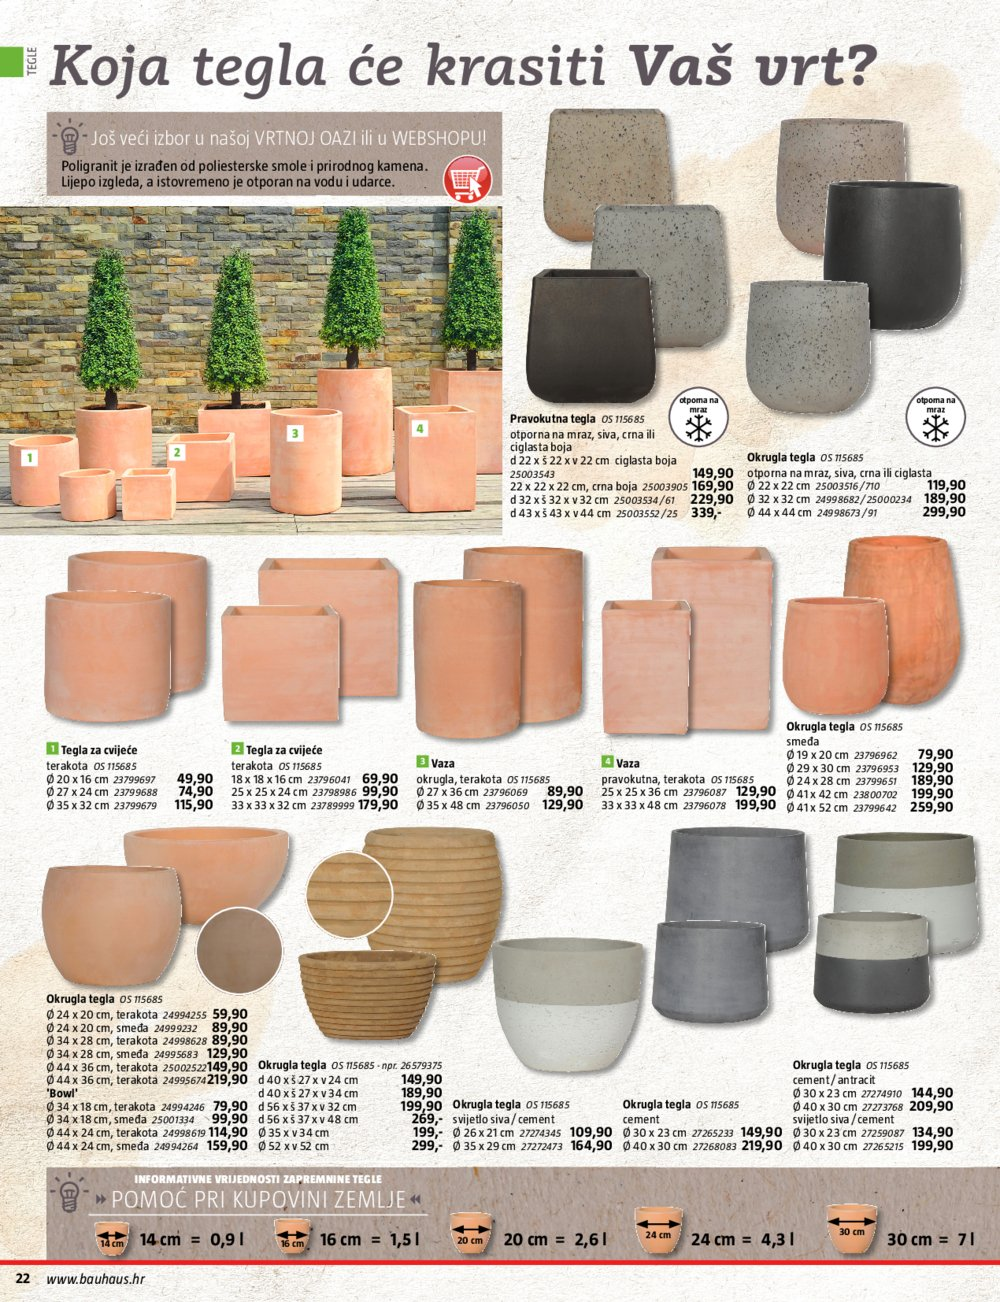 Bauhaus katalog Proljeće u vrtu 19.03.-31.08.2020.